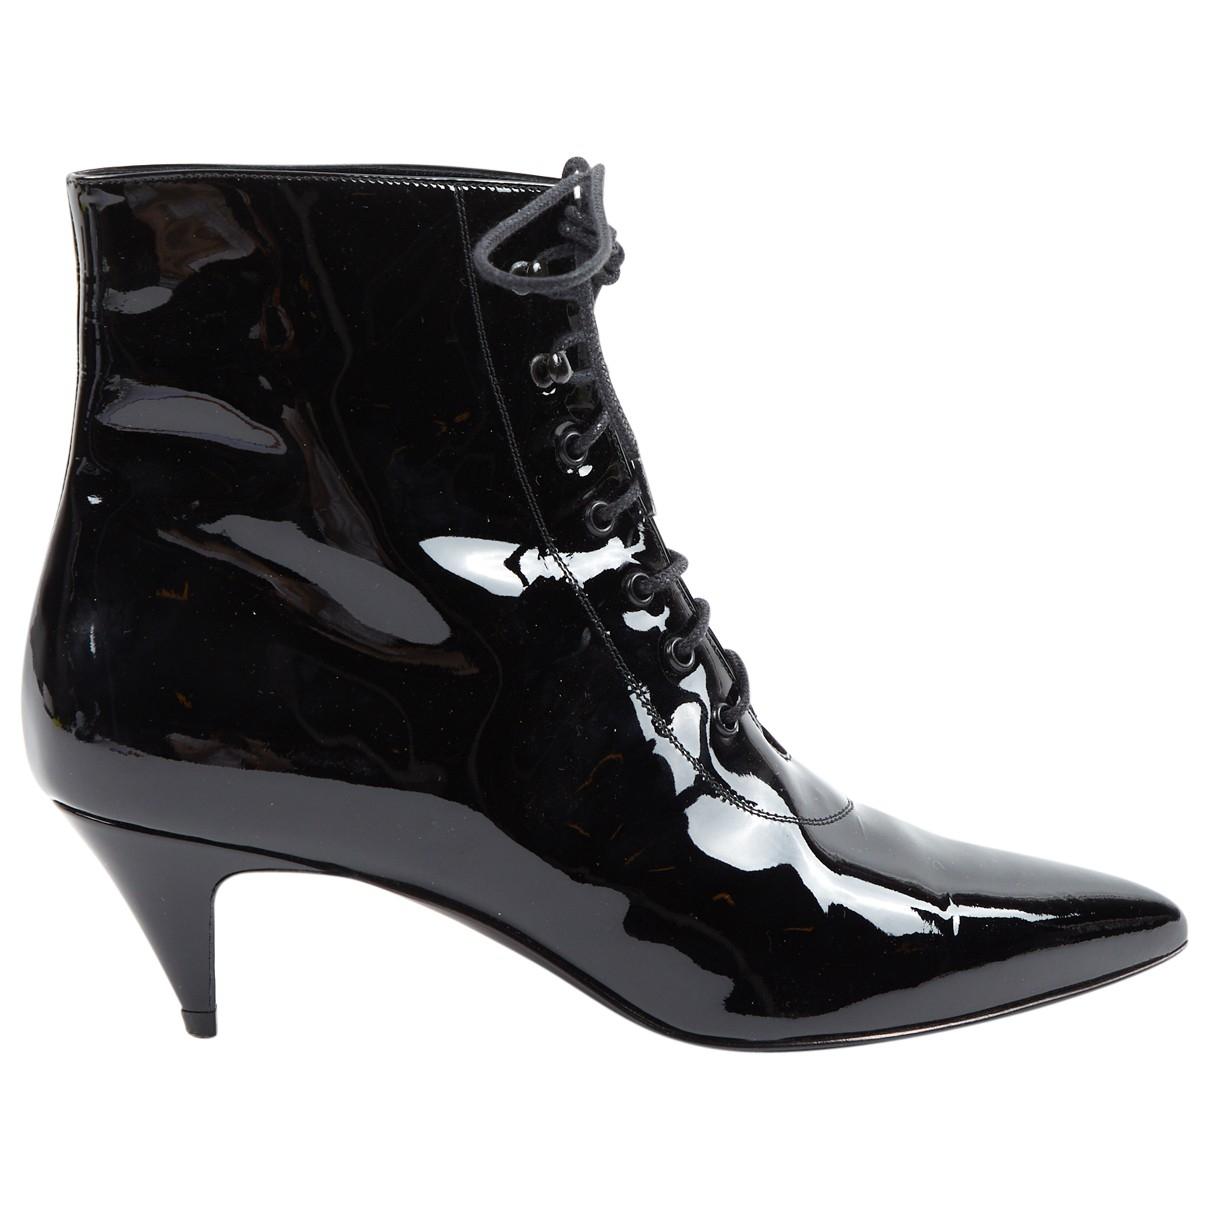 Saint Laurent Charlotte Black Patent leather Ankle boots for Women 37.5 EU